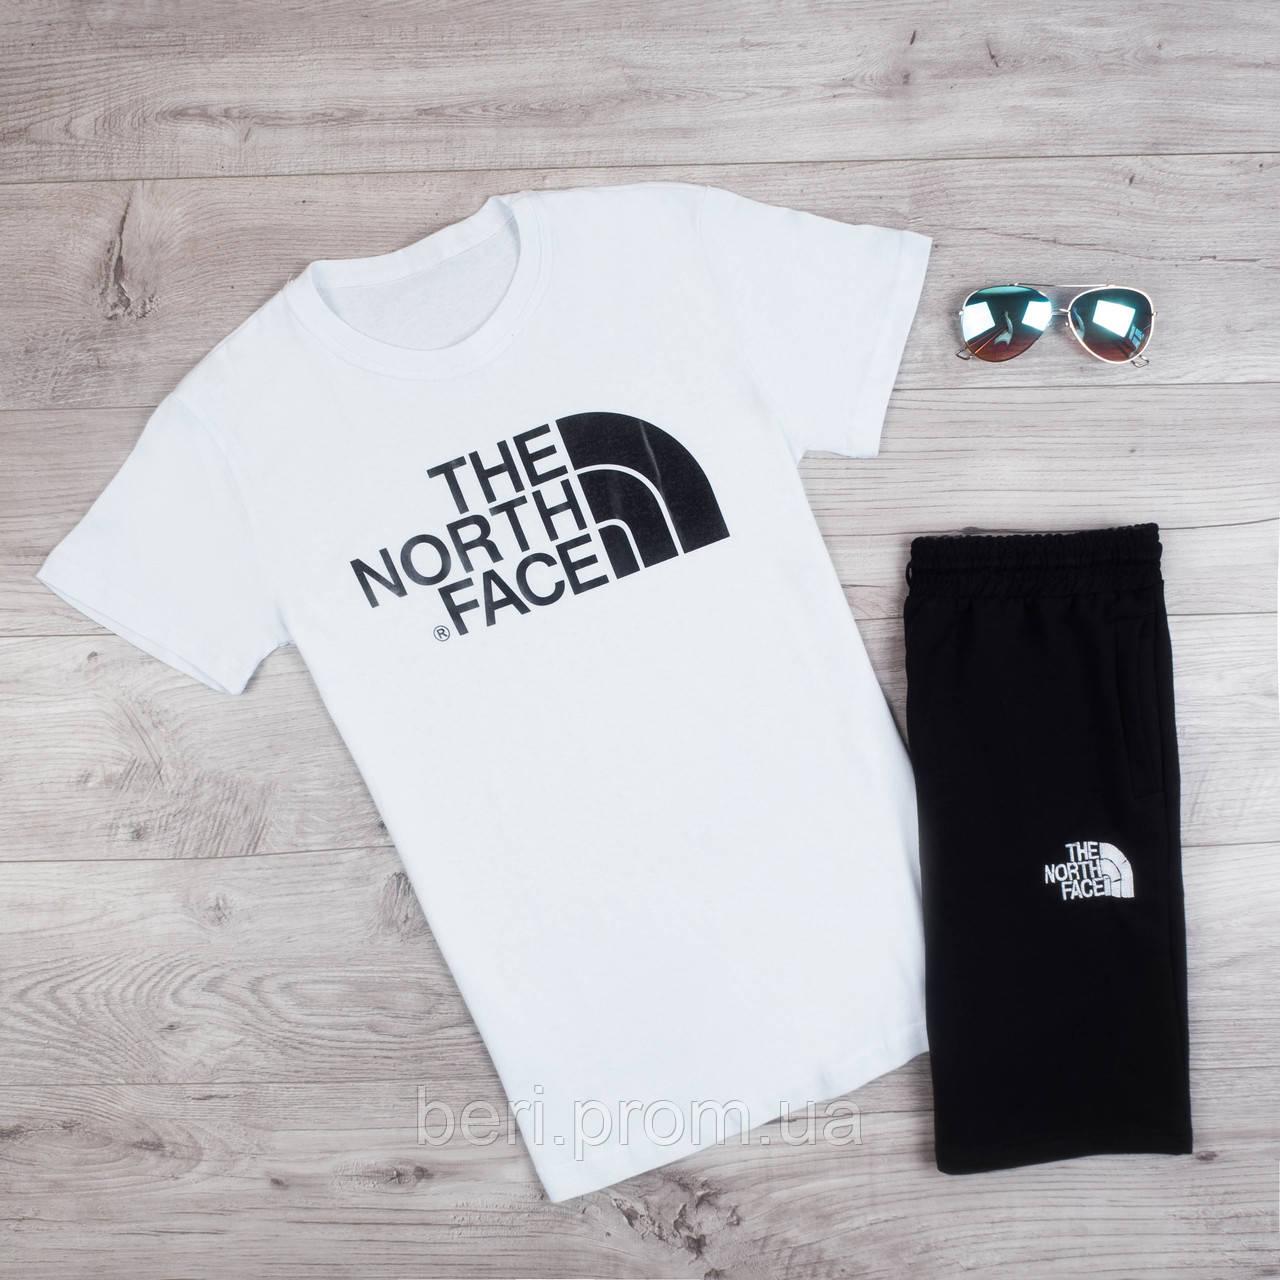 Мужской летний спортивный костюм, комплект шорты и футболка The North Face | Норз Фейс (Бело-Черный)